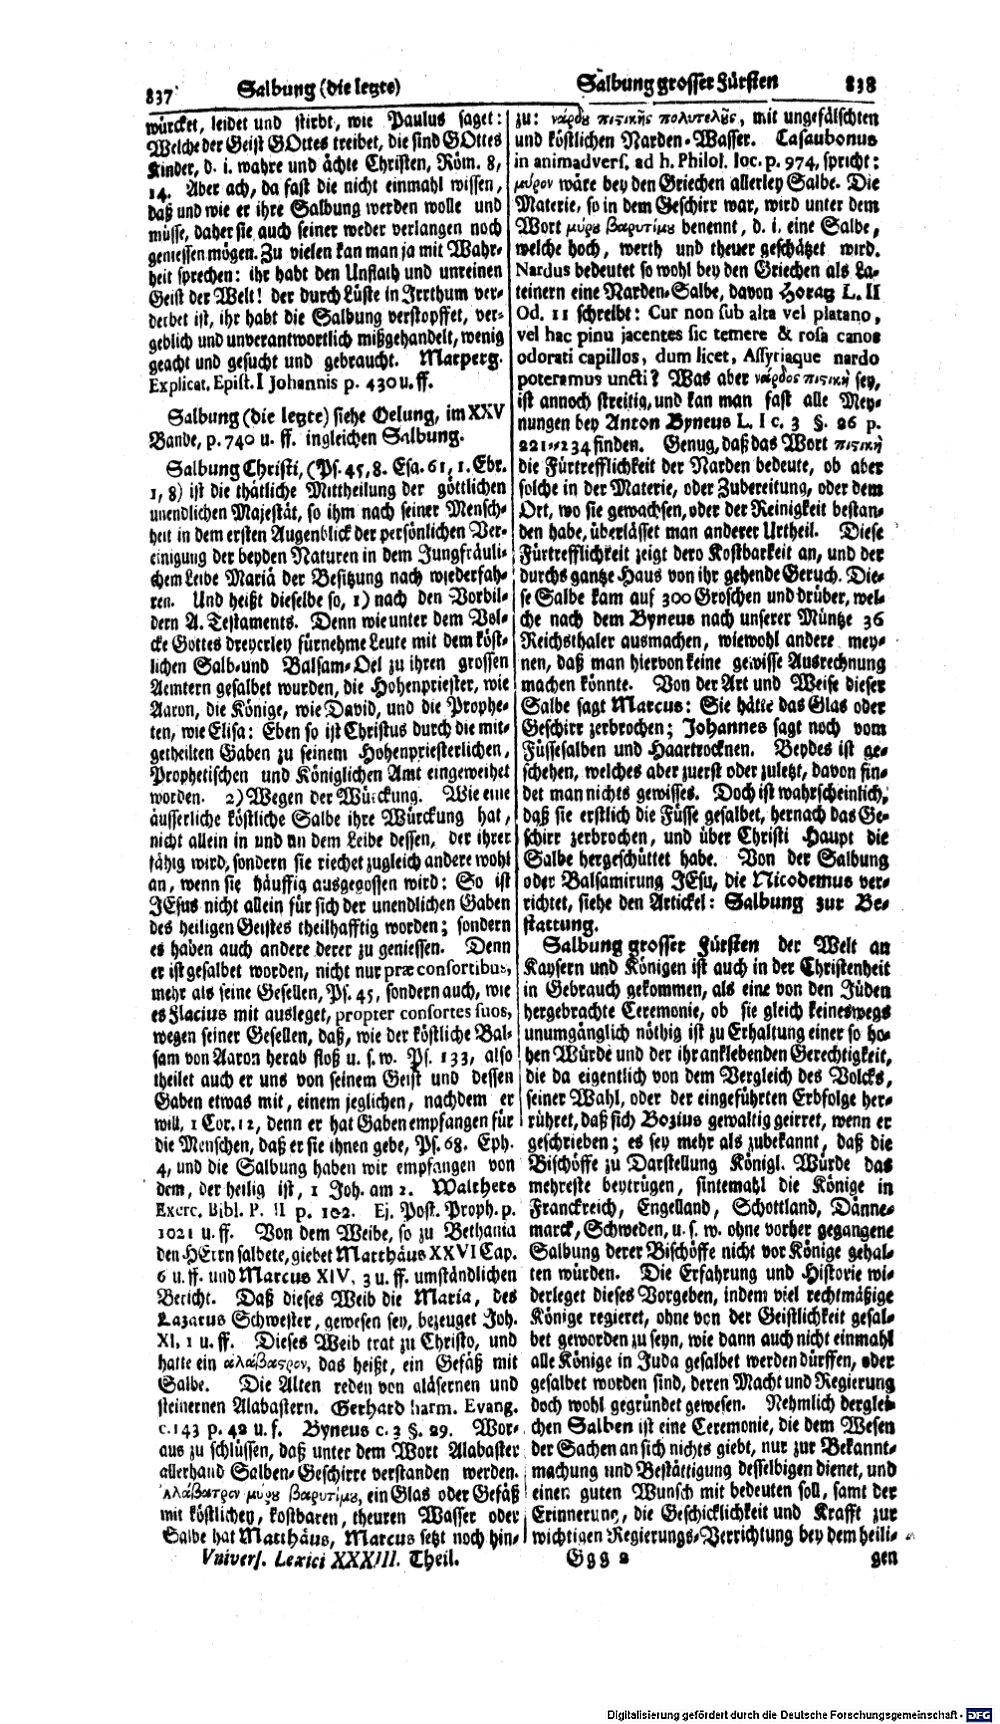 Bd. 33, Seite 0434.